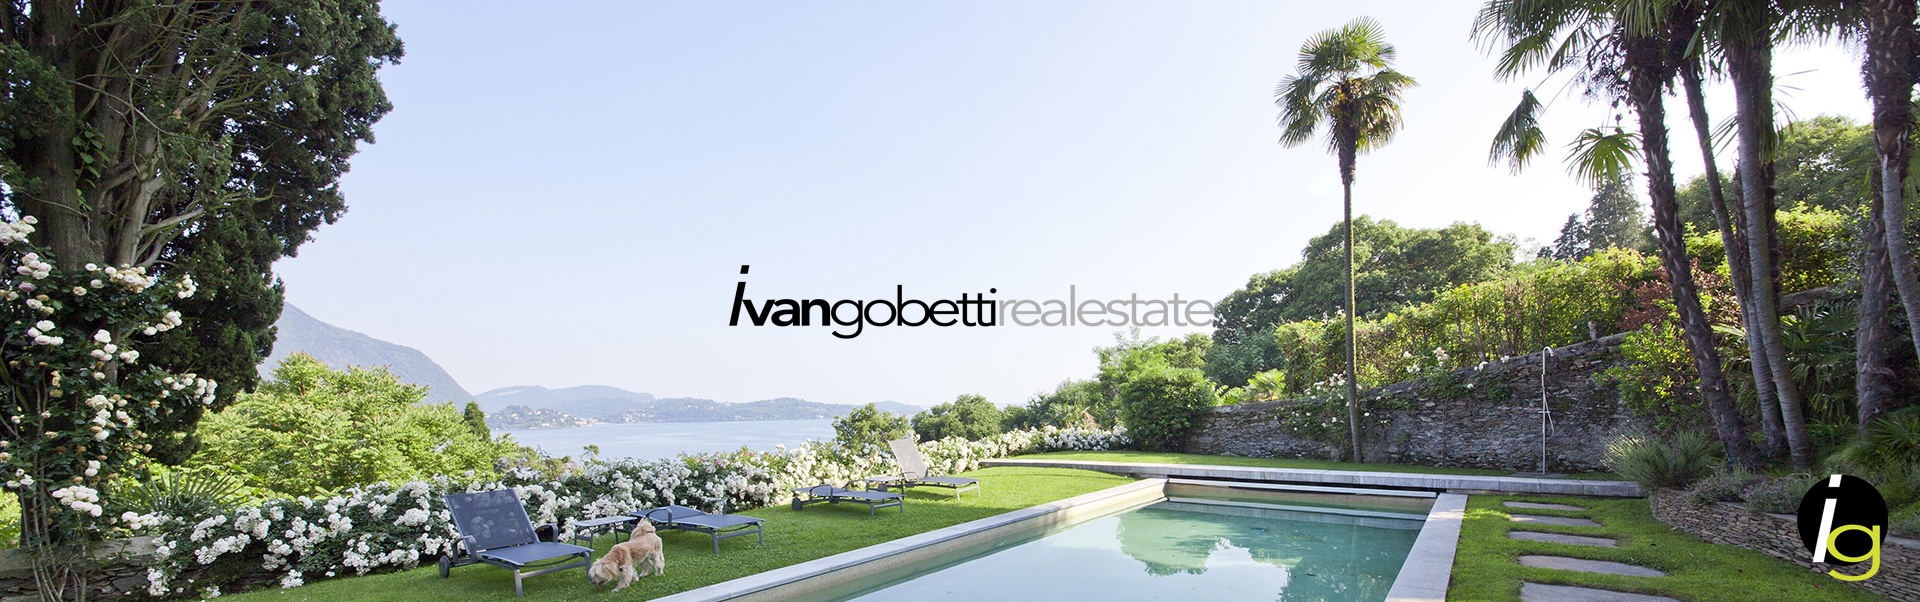 Vendesi, Lago Maggiore Verbania Importante e Signorile Villa con Parco e Piscina